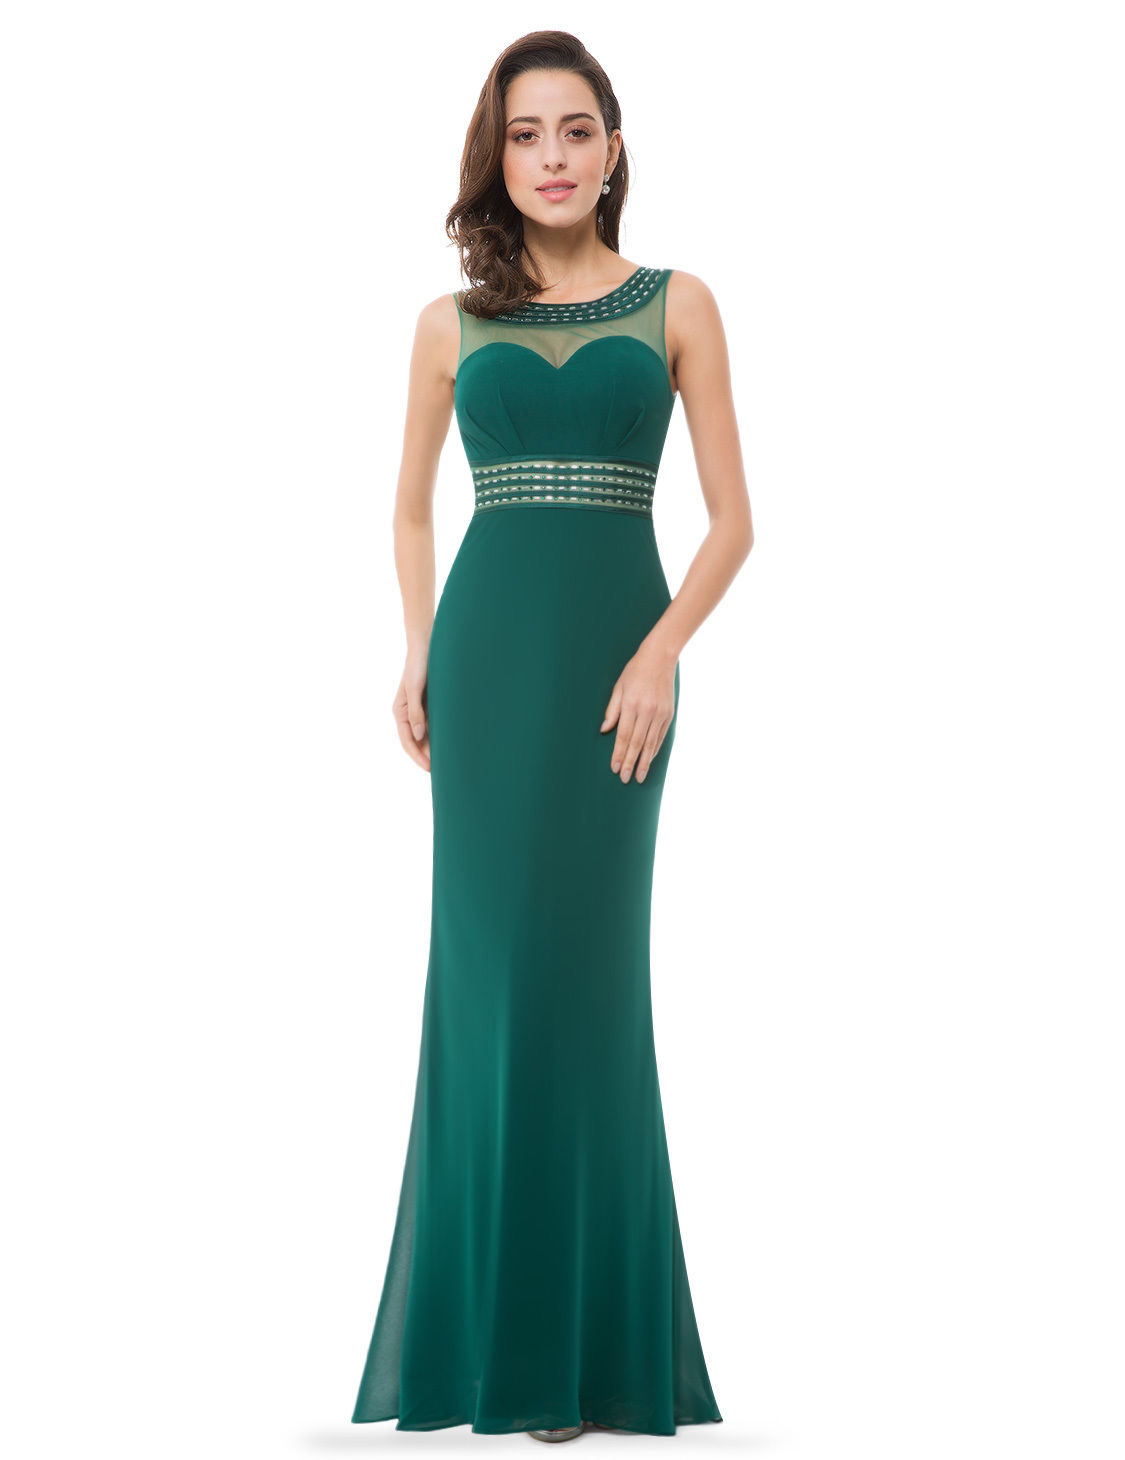 9e297f6d791 Tyrkysové šaty · Zelené a petrolejové šaty Zelené a petrolejové šaty · Zlaté  a žluté šaty